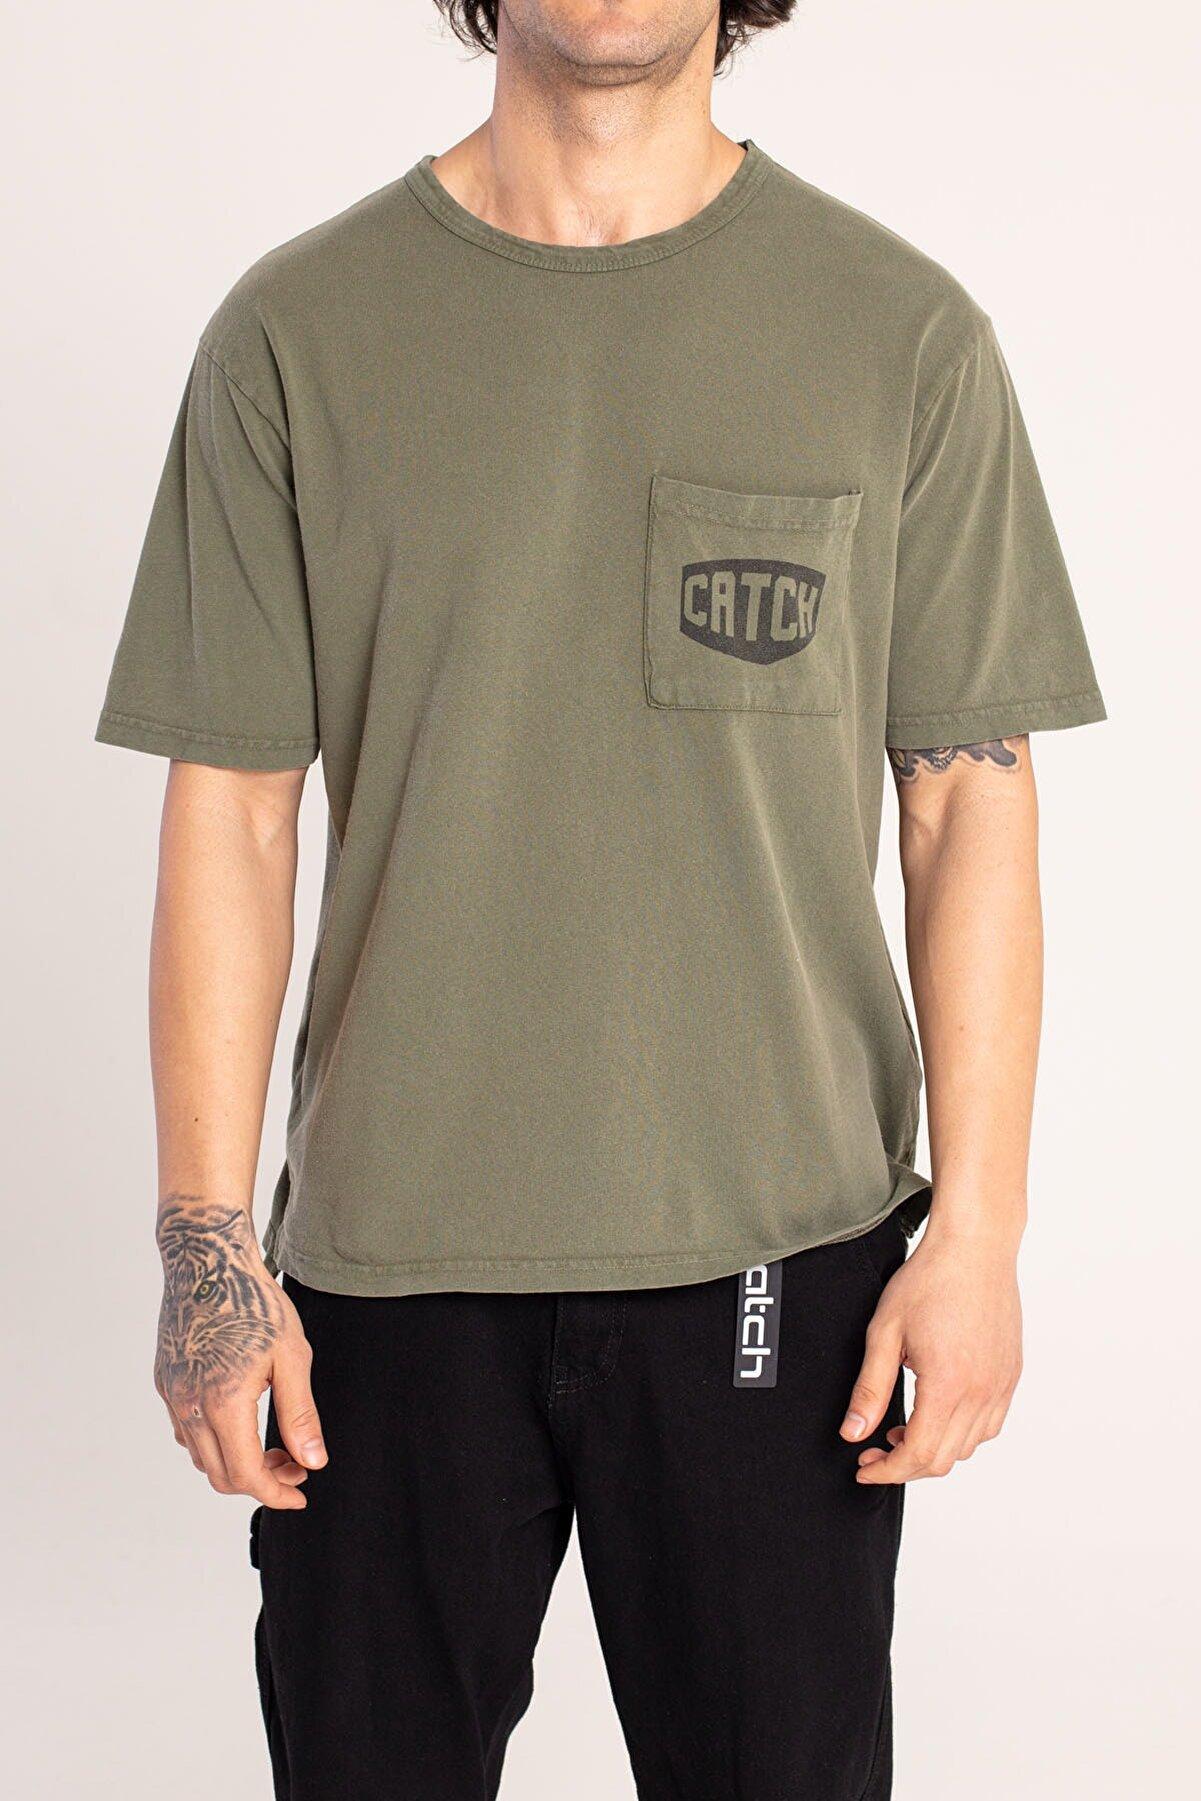 Catch Erkek Haki Cepli Bol Kalıp Yıkamalı T-shirt Y-616